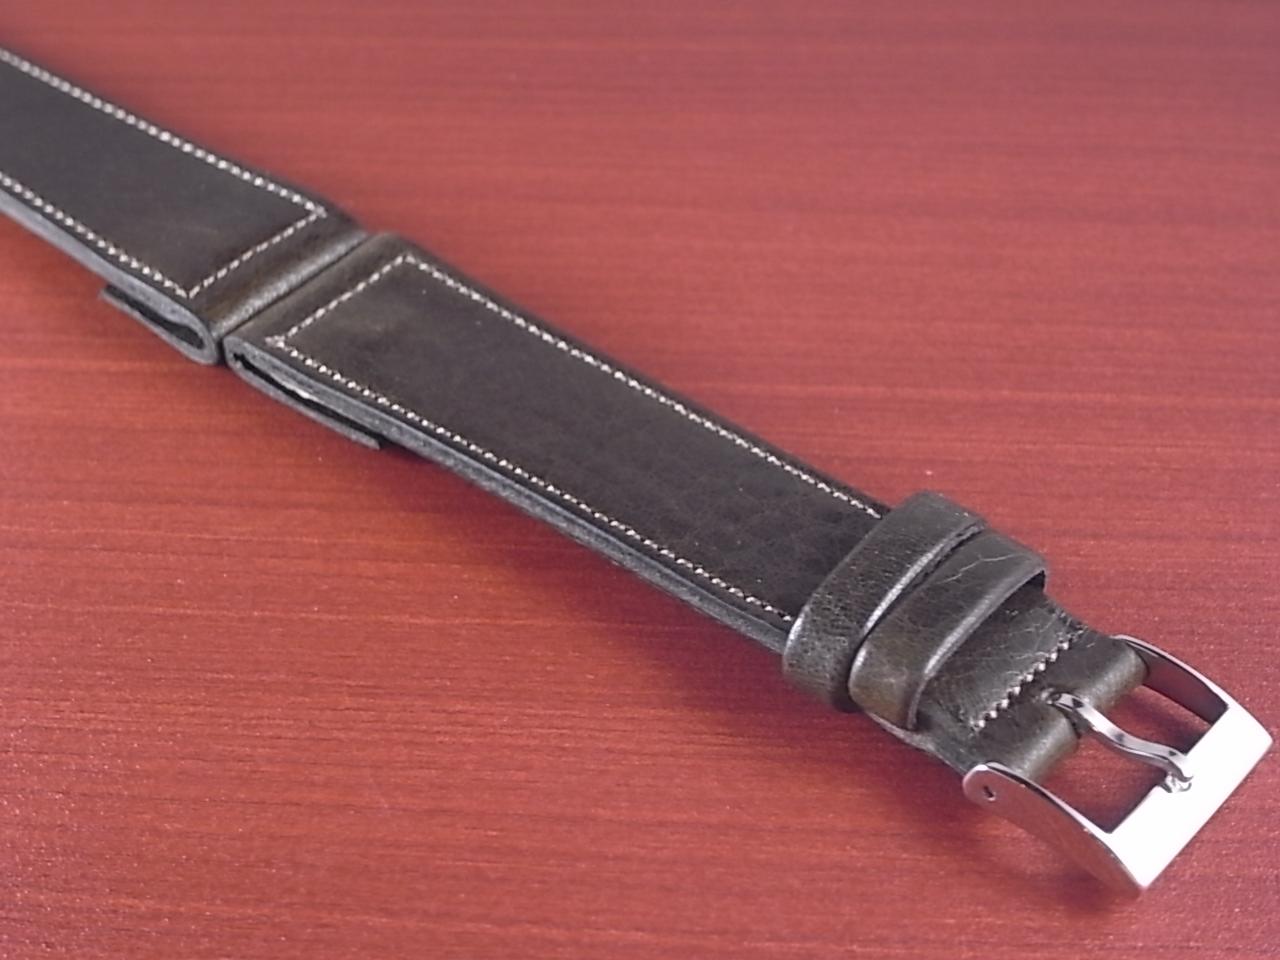 艶ありヌメ牛ステア オープンエンド 革ベルト オリーブ 16、18mm CC-032bの写真6枚目